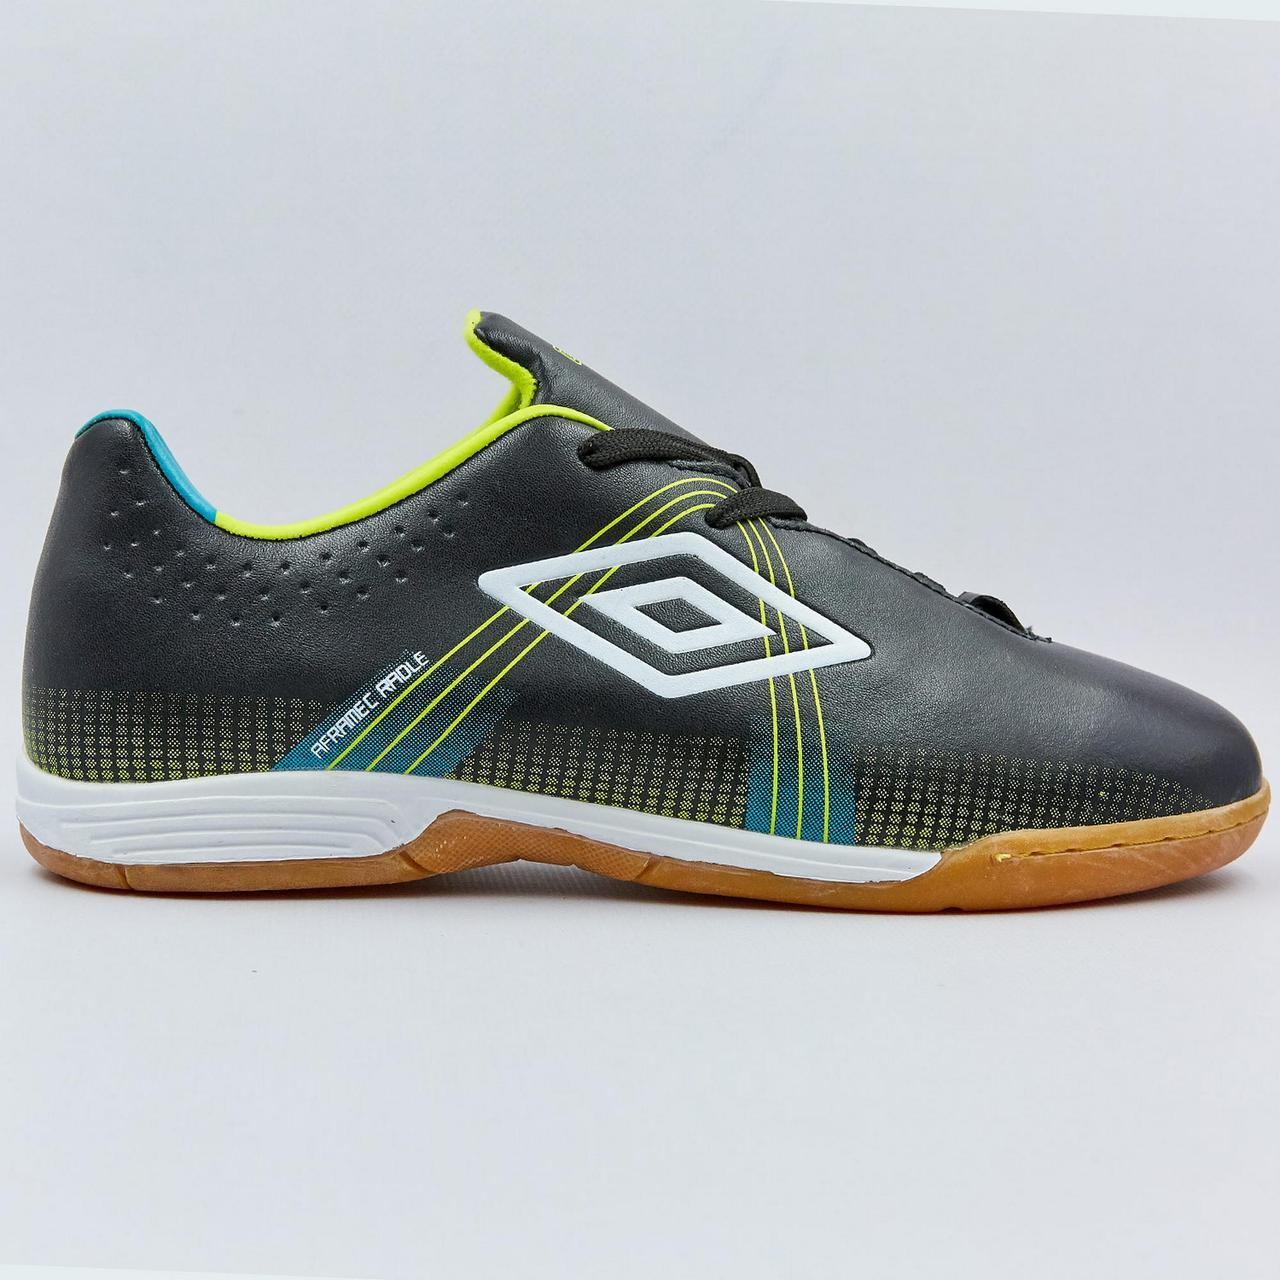 Обувь для футзала мужская UMB OB-99012 размер 40-45 цвета в ассортименте 40